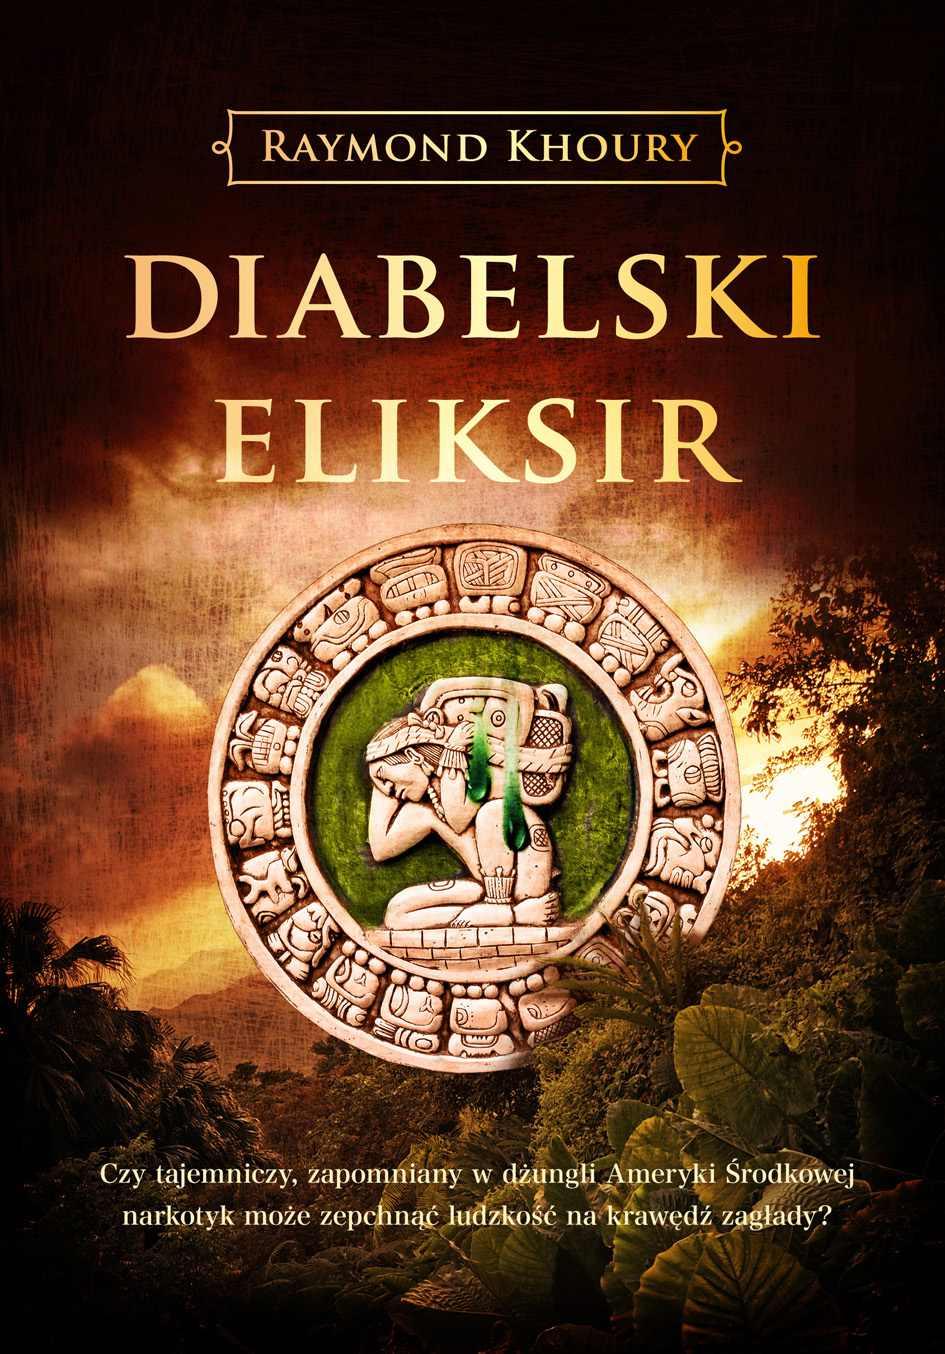 Diabelski eliksir - Ebook (Książka EPUB) do pobrania w formacie EPUB